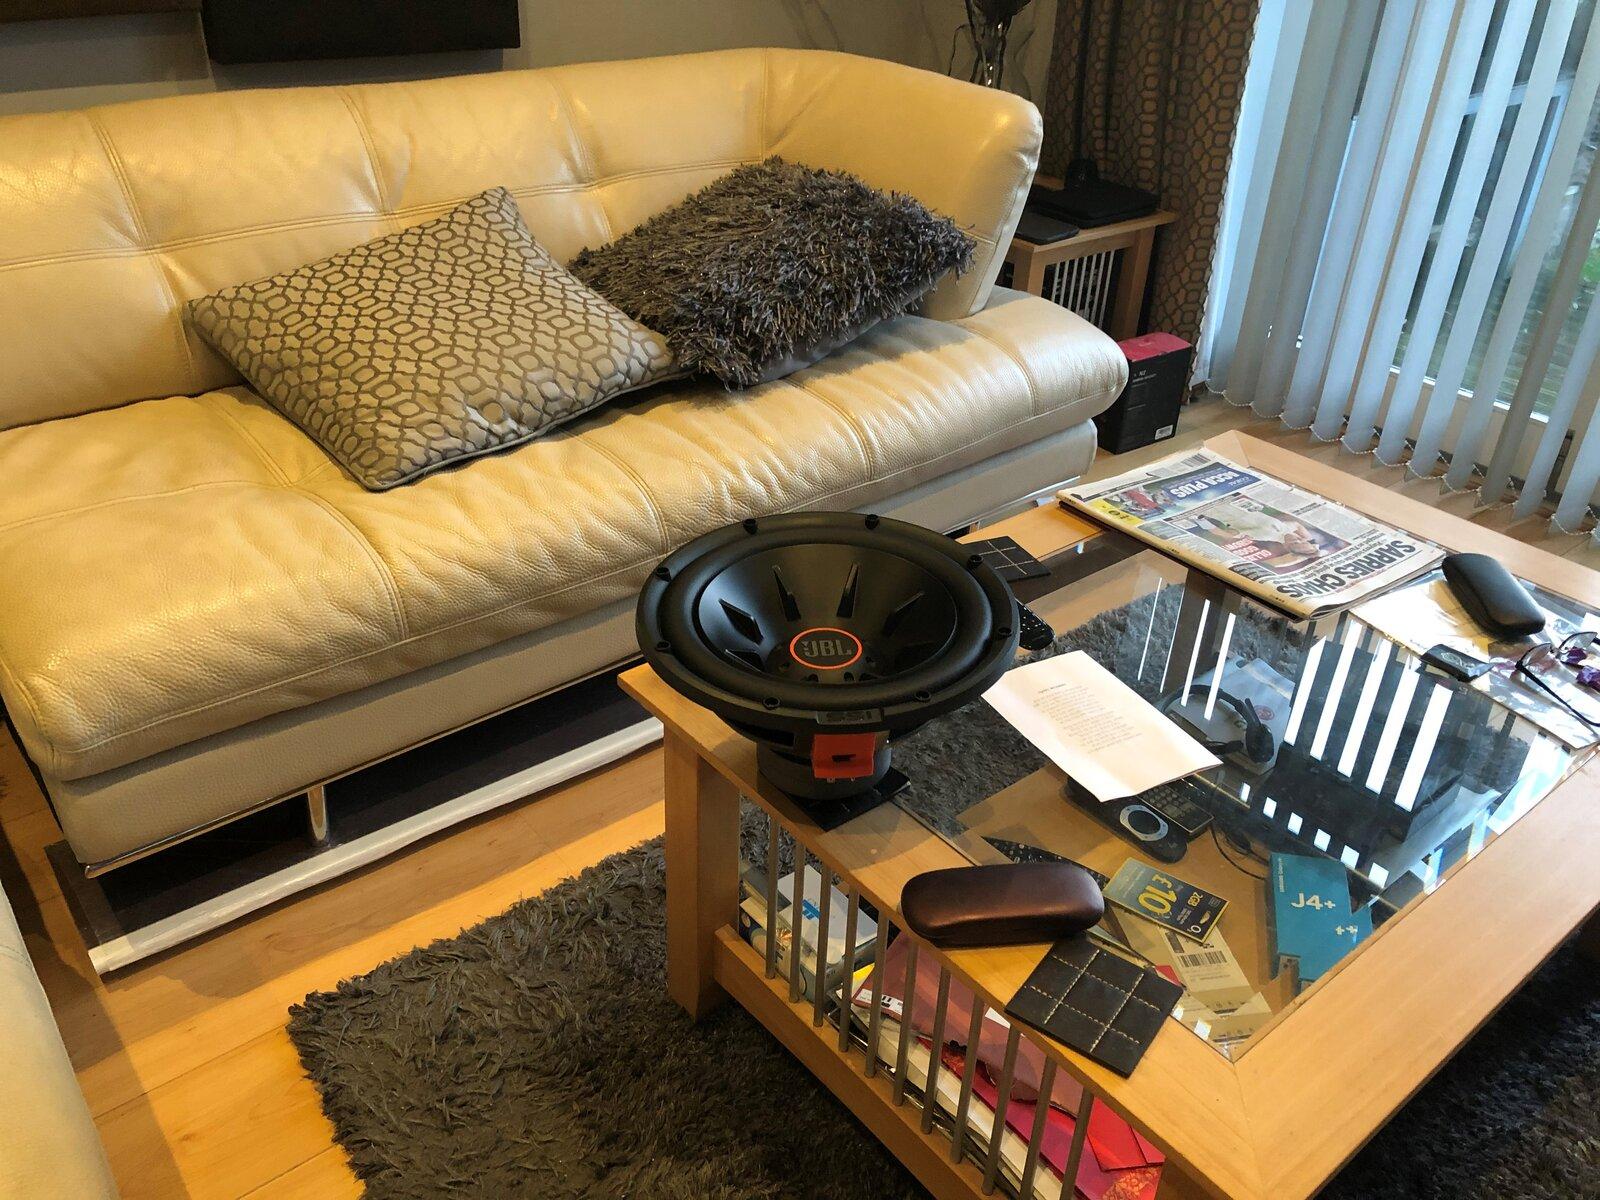 sofa boss pics 1.jpg